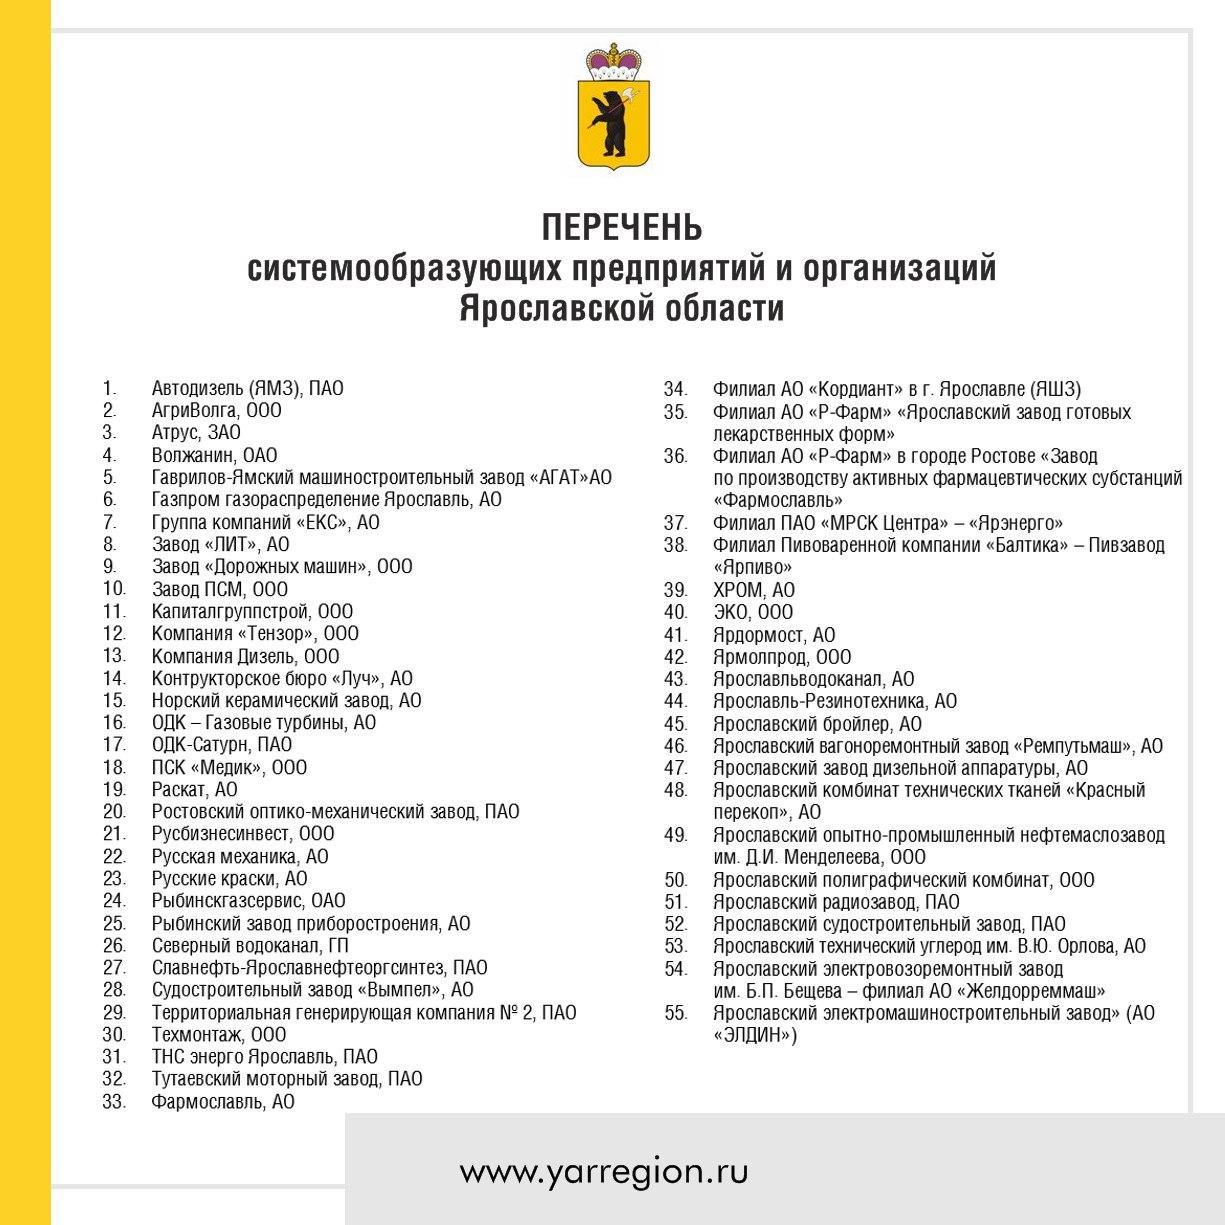 Список предприятий, которые начнут работать с 6 апреля